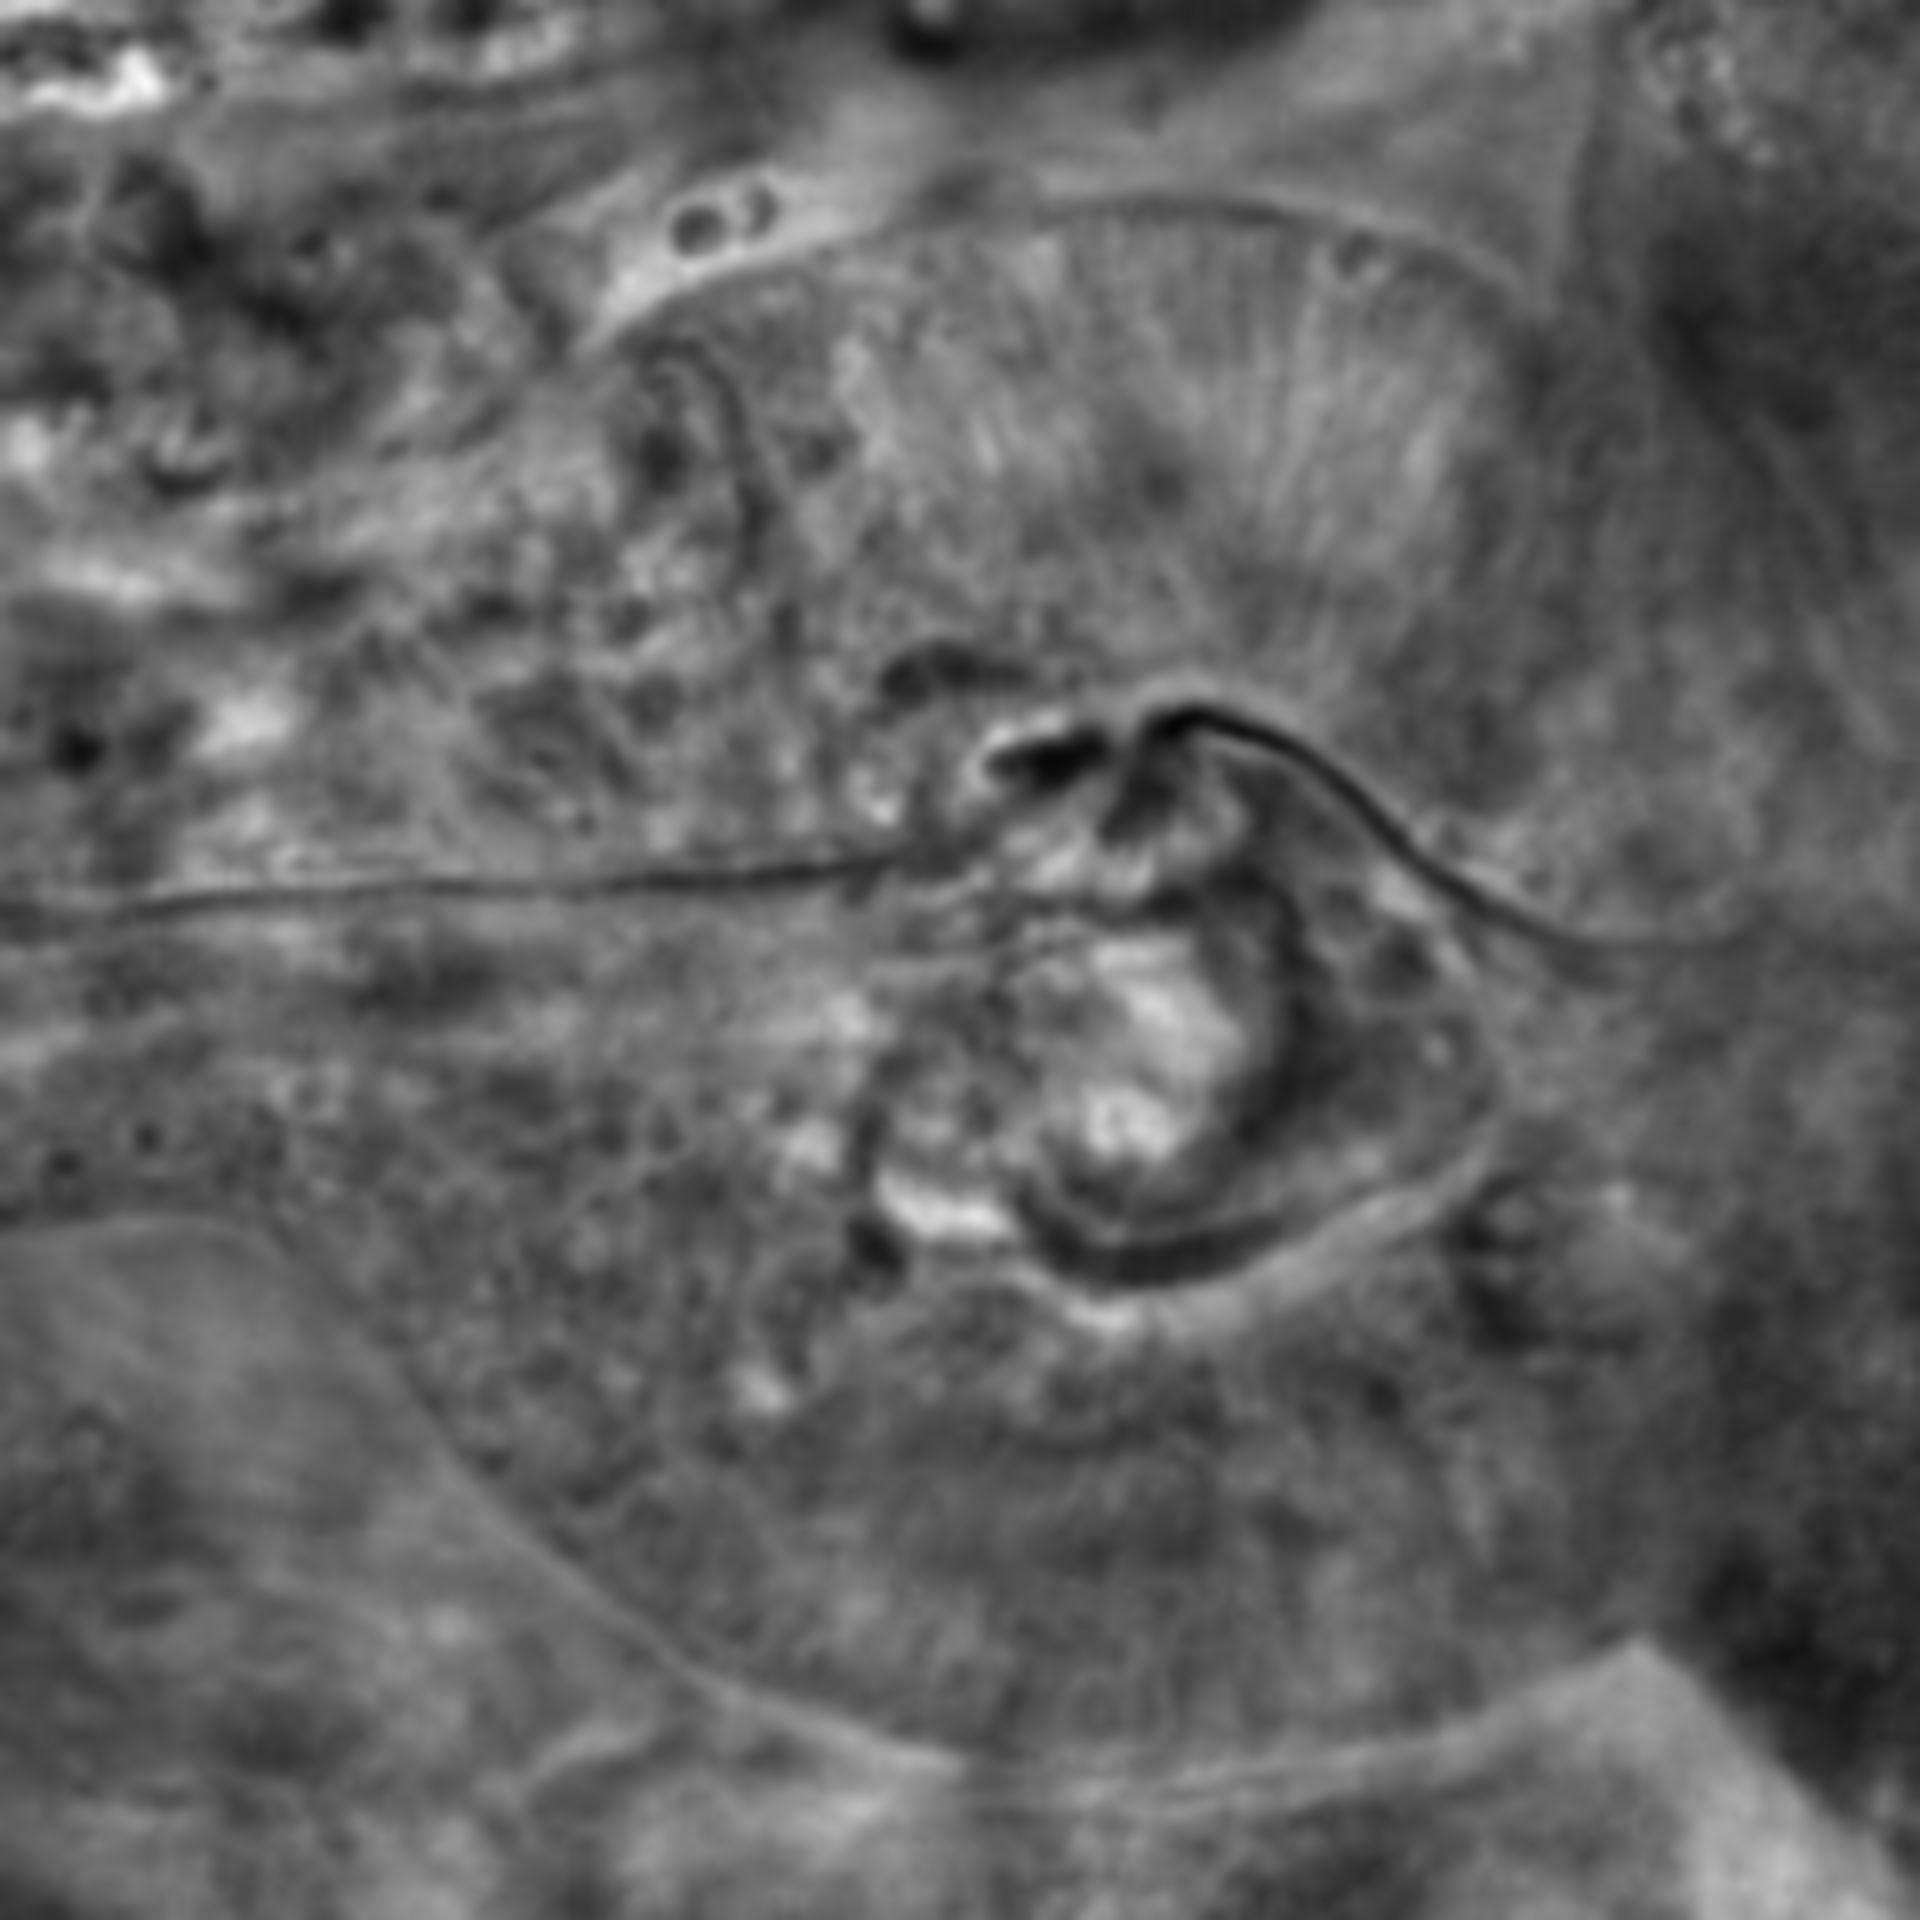 Caenorhabditis elegans - CIL:2596